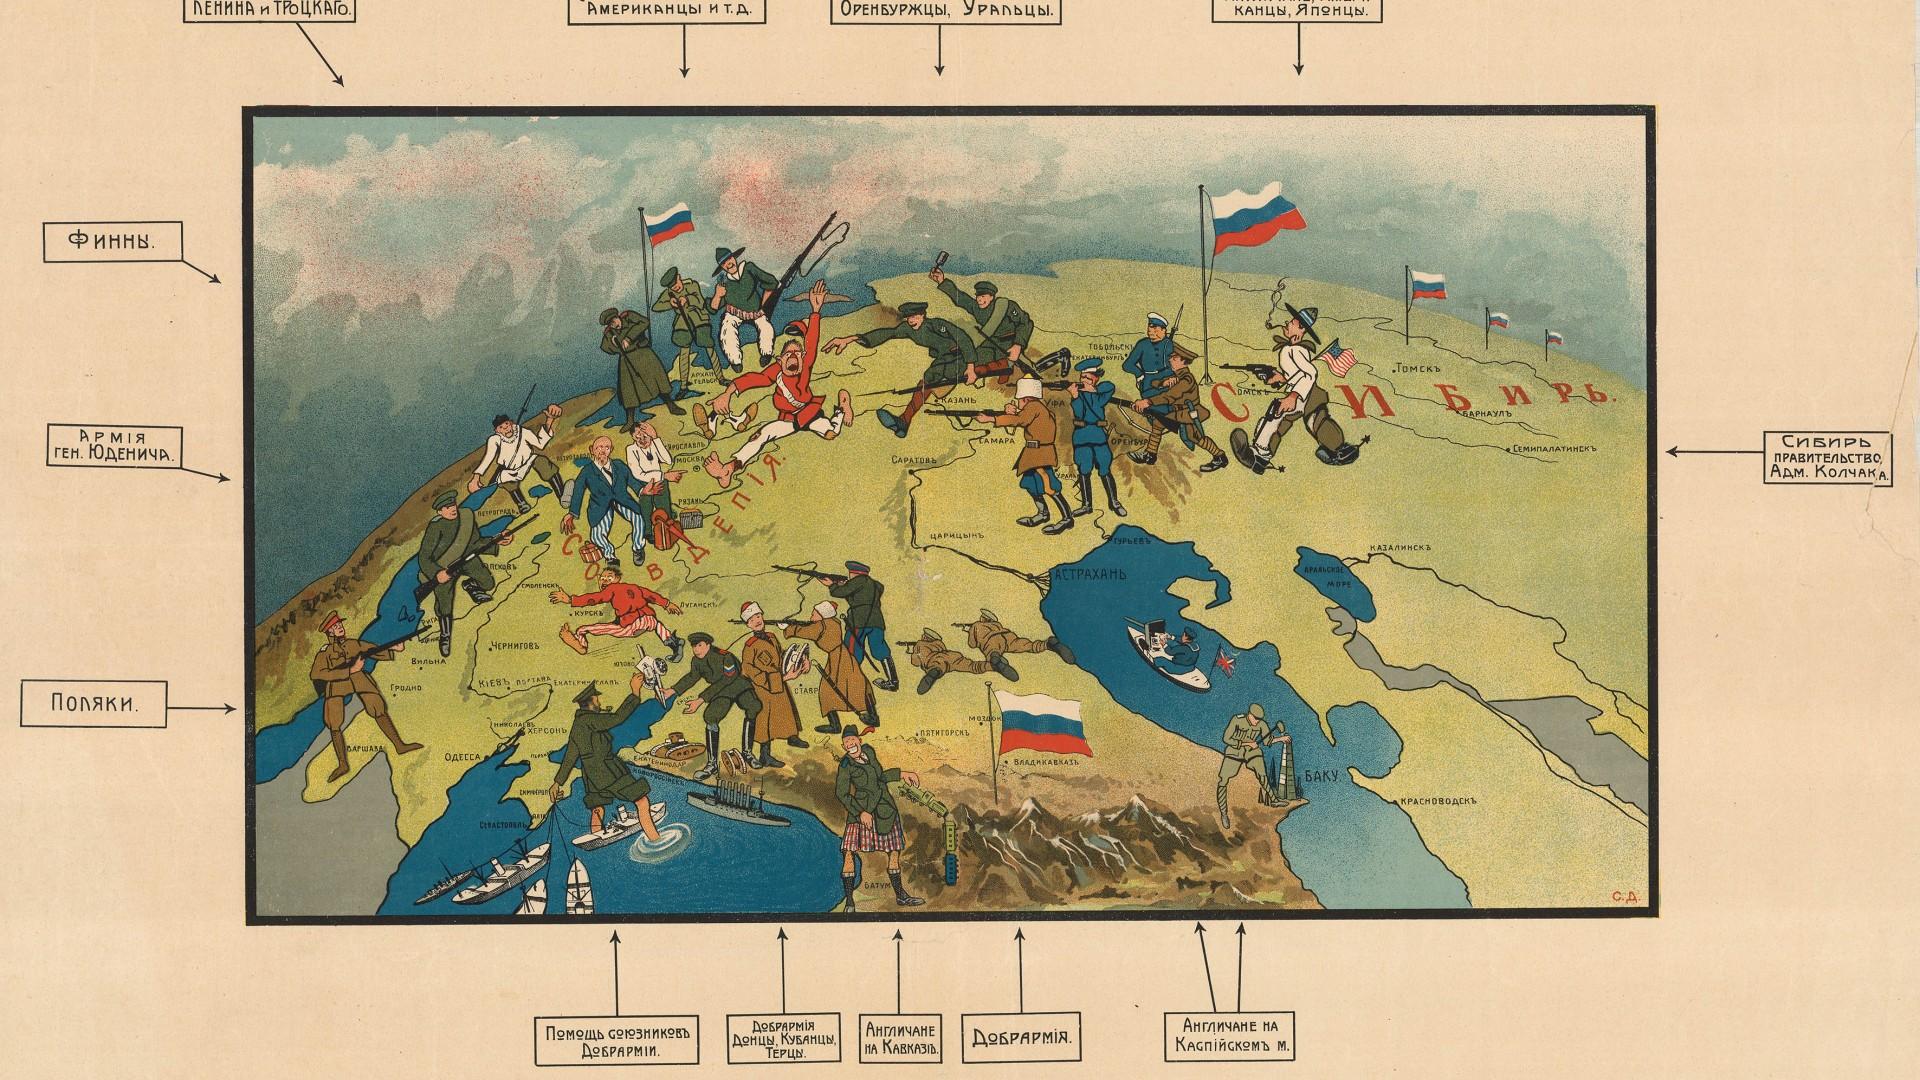 Humoristische Karte Von Europa 1914.Humoristische Karte Von Europa Im Jahre 1914